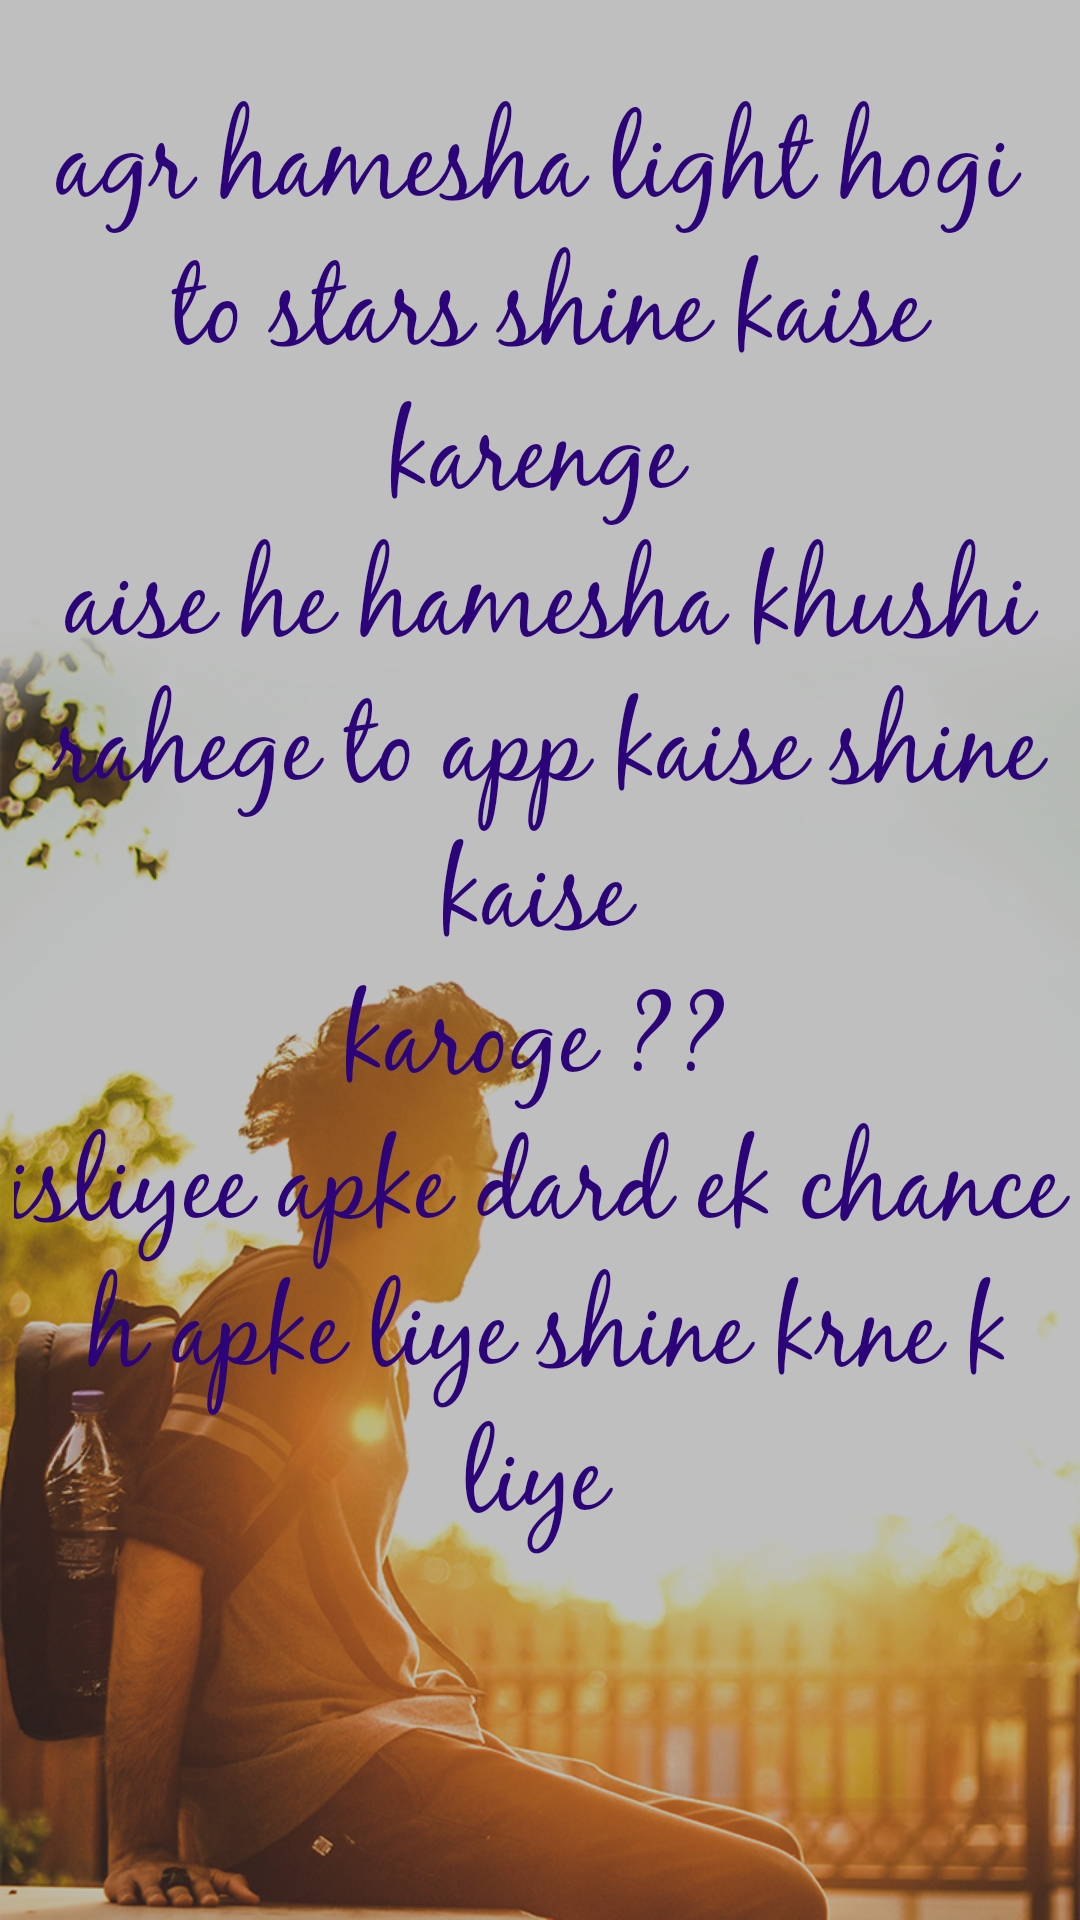 agr hamesha light hogi  to stars shine kaise karenge  aise he hamesha khushi rahege to app kaise shine kaise  karoge ??  isliyee apke dard ek chance  h apke liye shine krne k liye